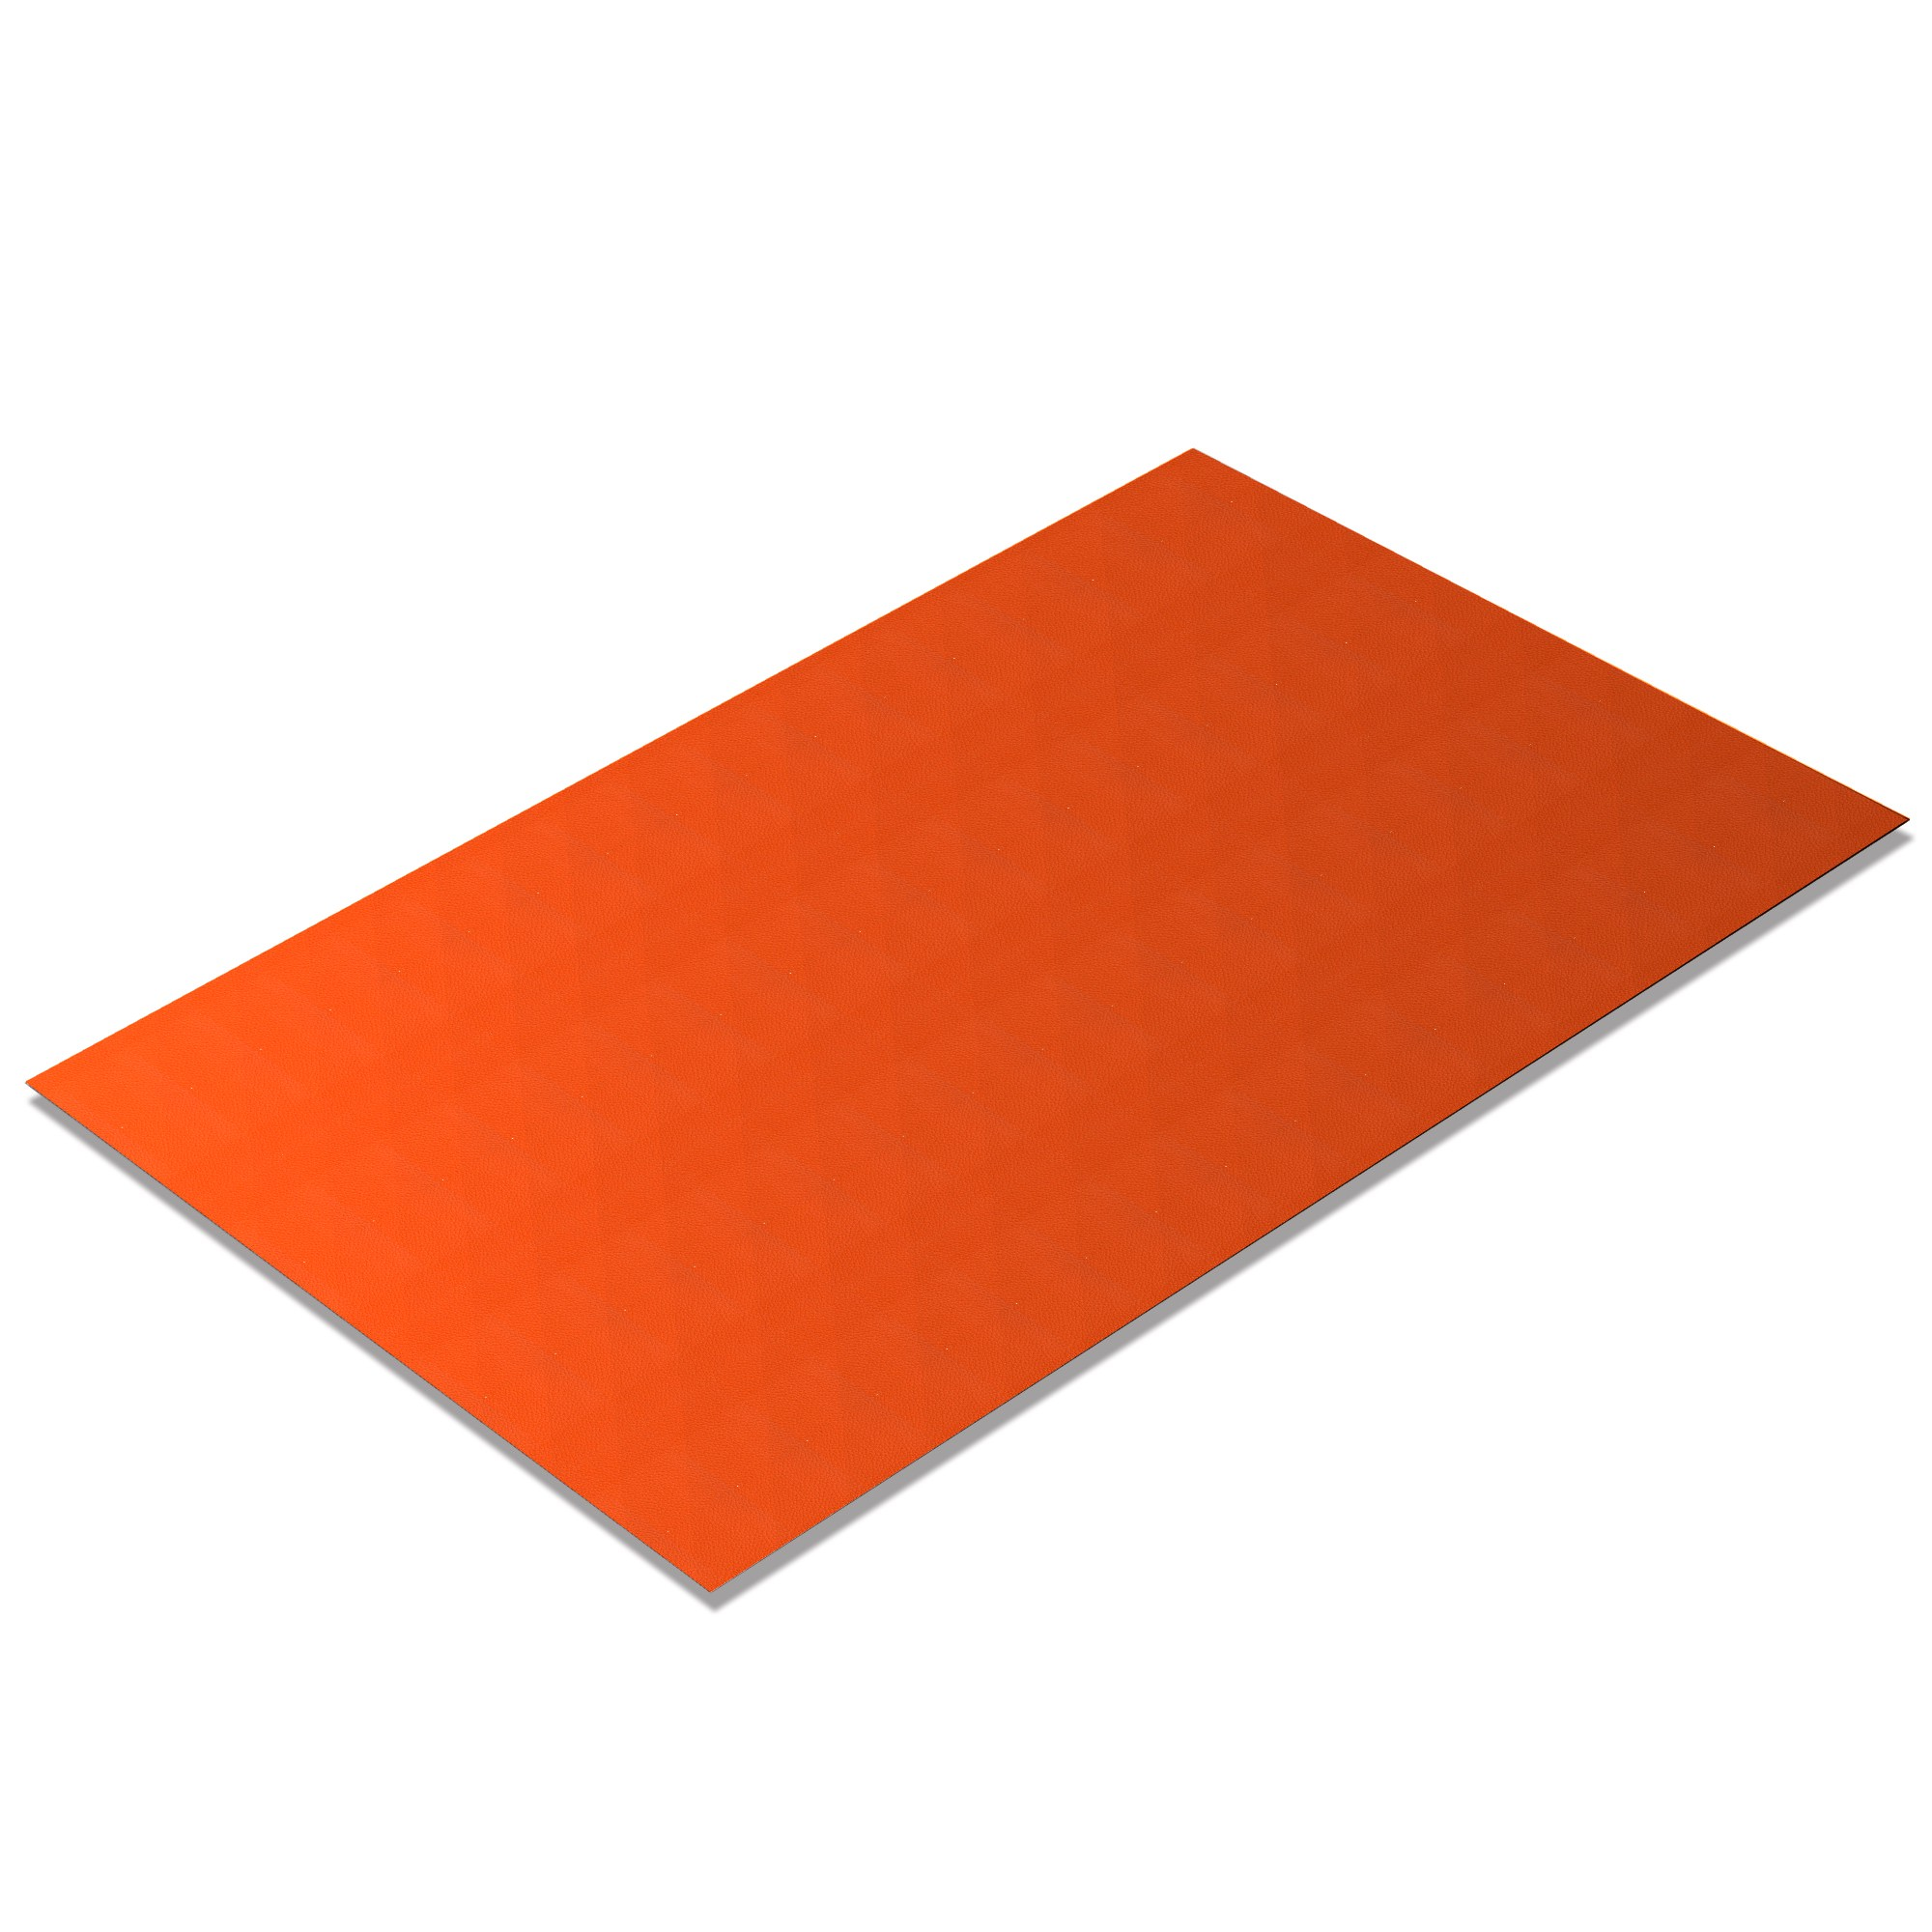 Kunstleder Meterware Florida Orange [FP3082]